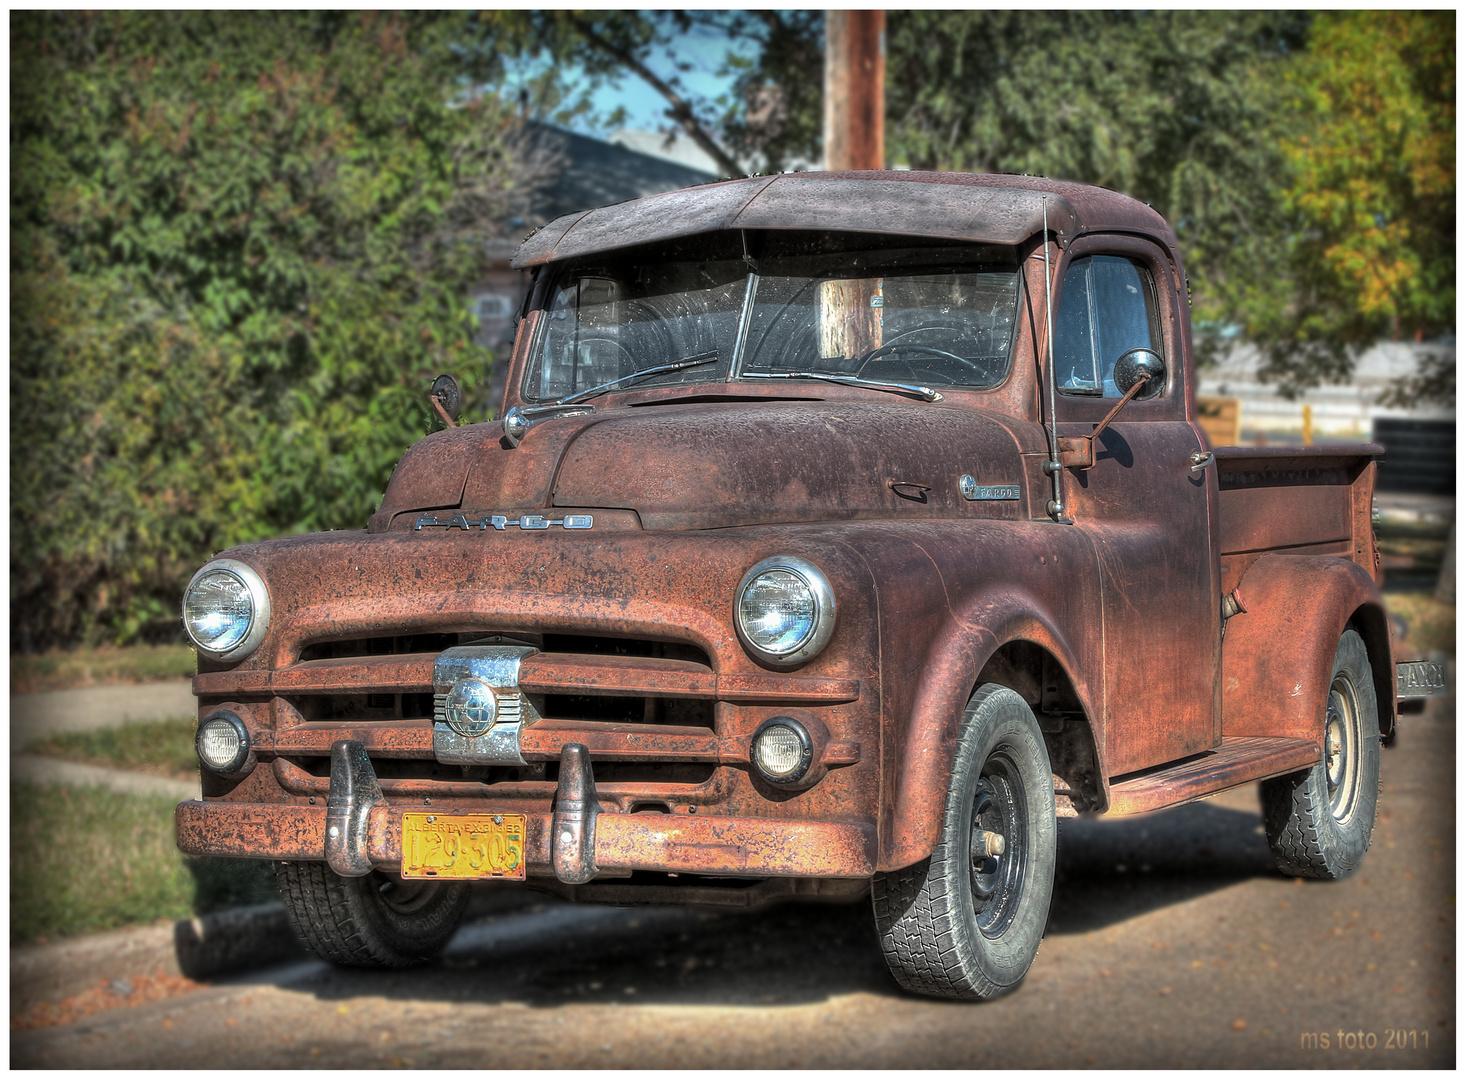 sch ne alte rostlaube foto bild autos zweir der oldtimer youngtimer verkehr fahrzeuge. Black Bedroom Furniture Sets. Home Design Ideas